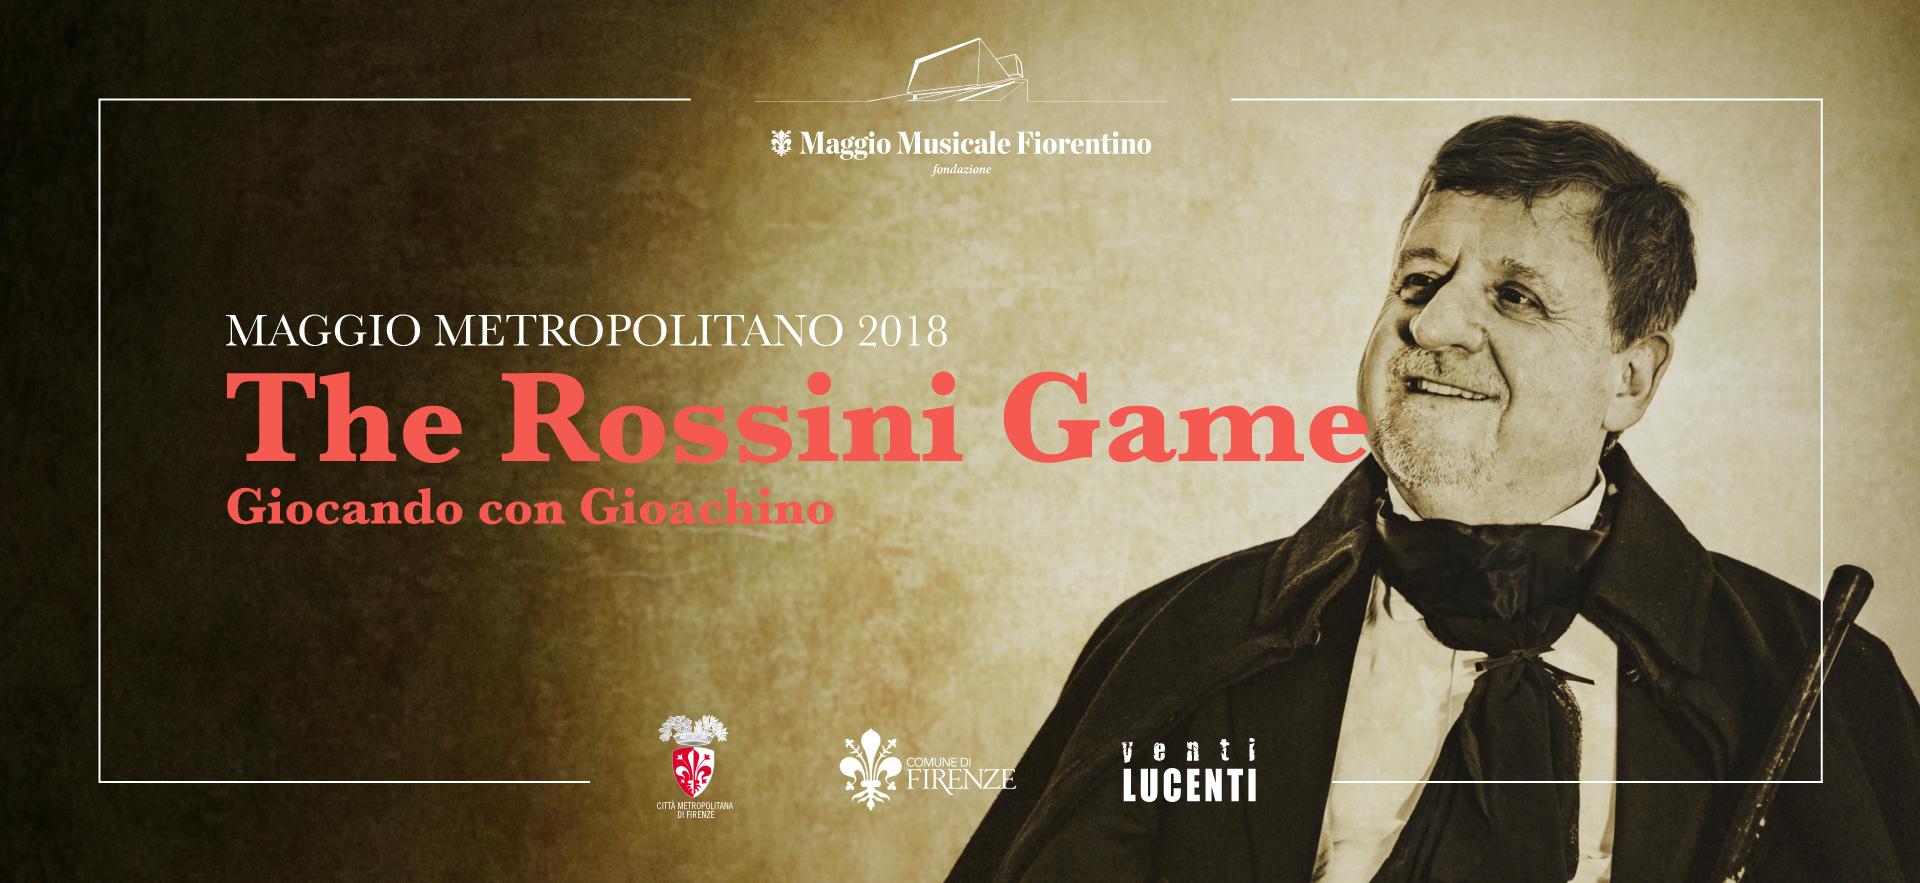 the rossini game 2018 maggio metropolitano